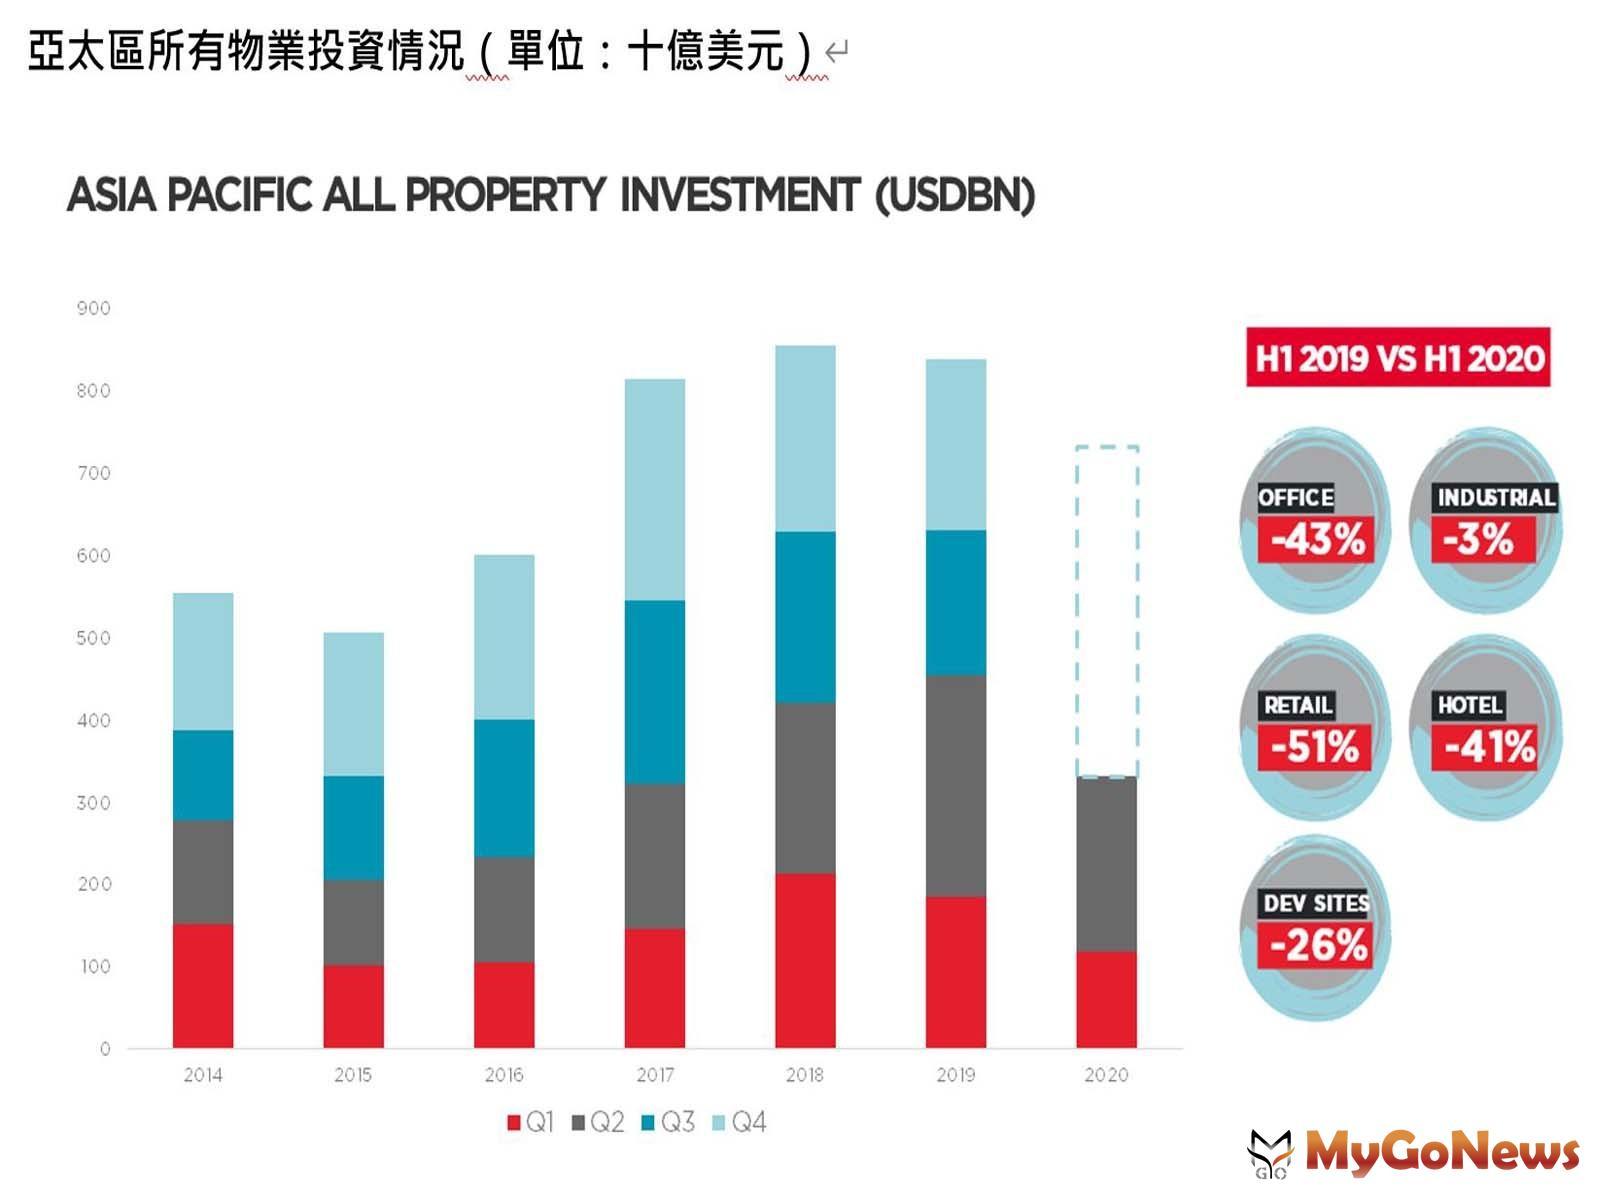 亞太區投資總額較2019年同比下降27%,但價格仍保持相對穩定,亞洲主要市場迅速改善,投資意向開始顯現 MyGoNews房地產新聞 Global Real Estate